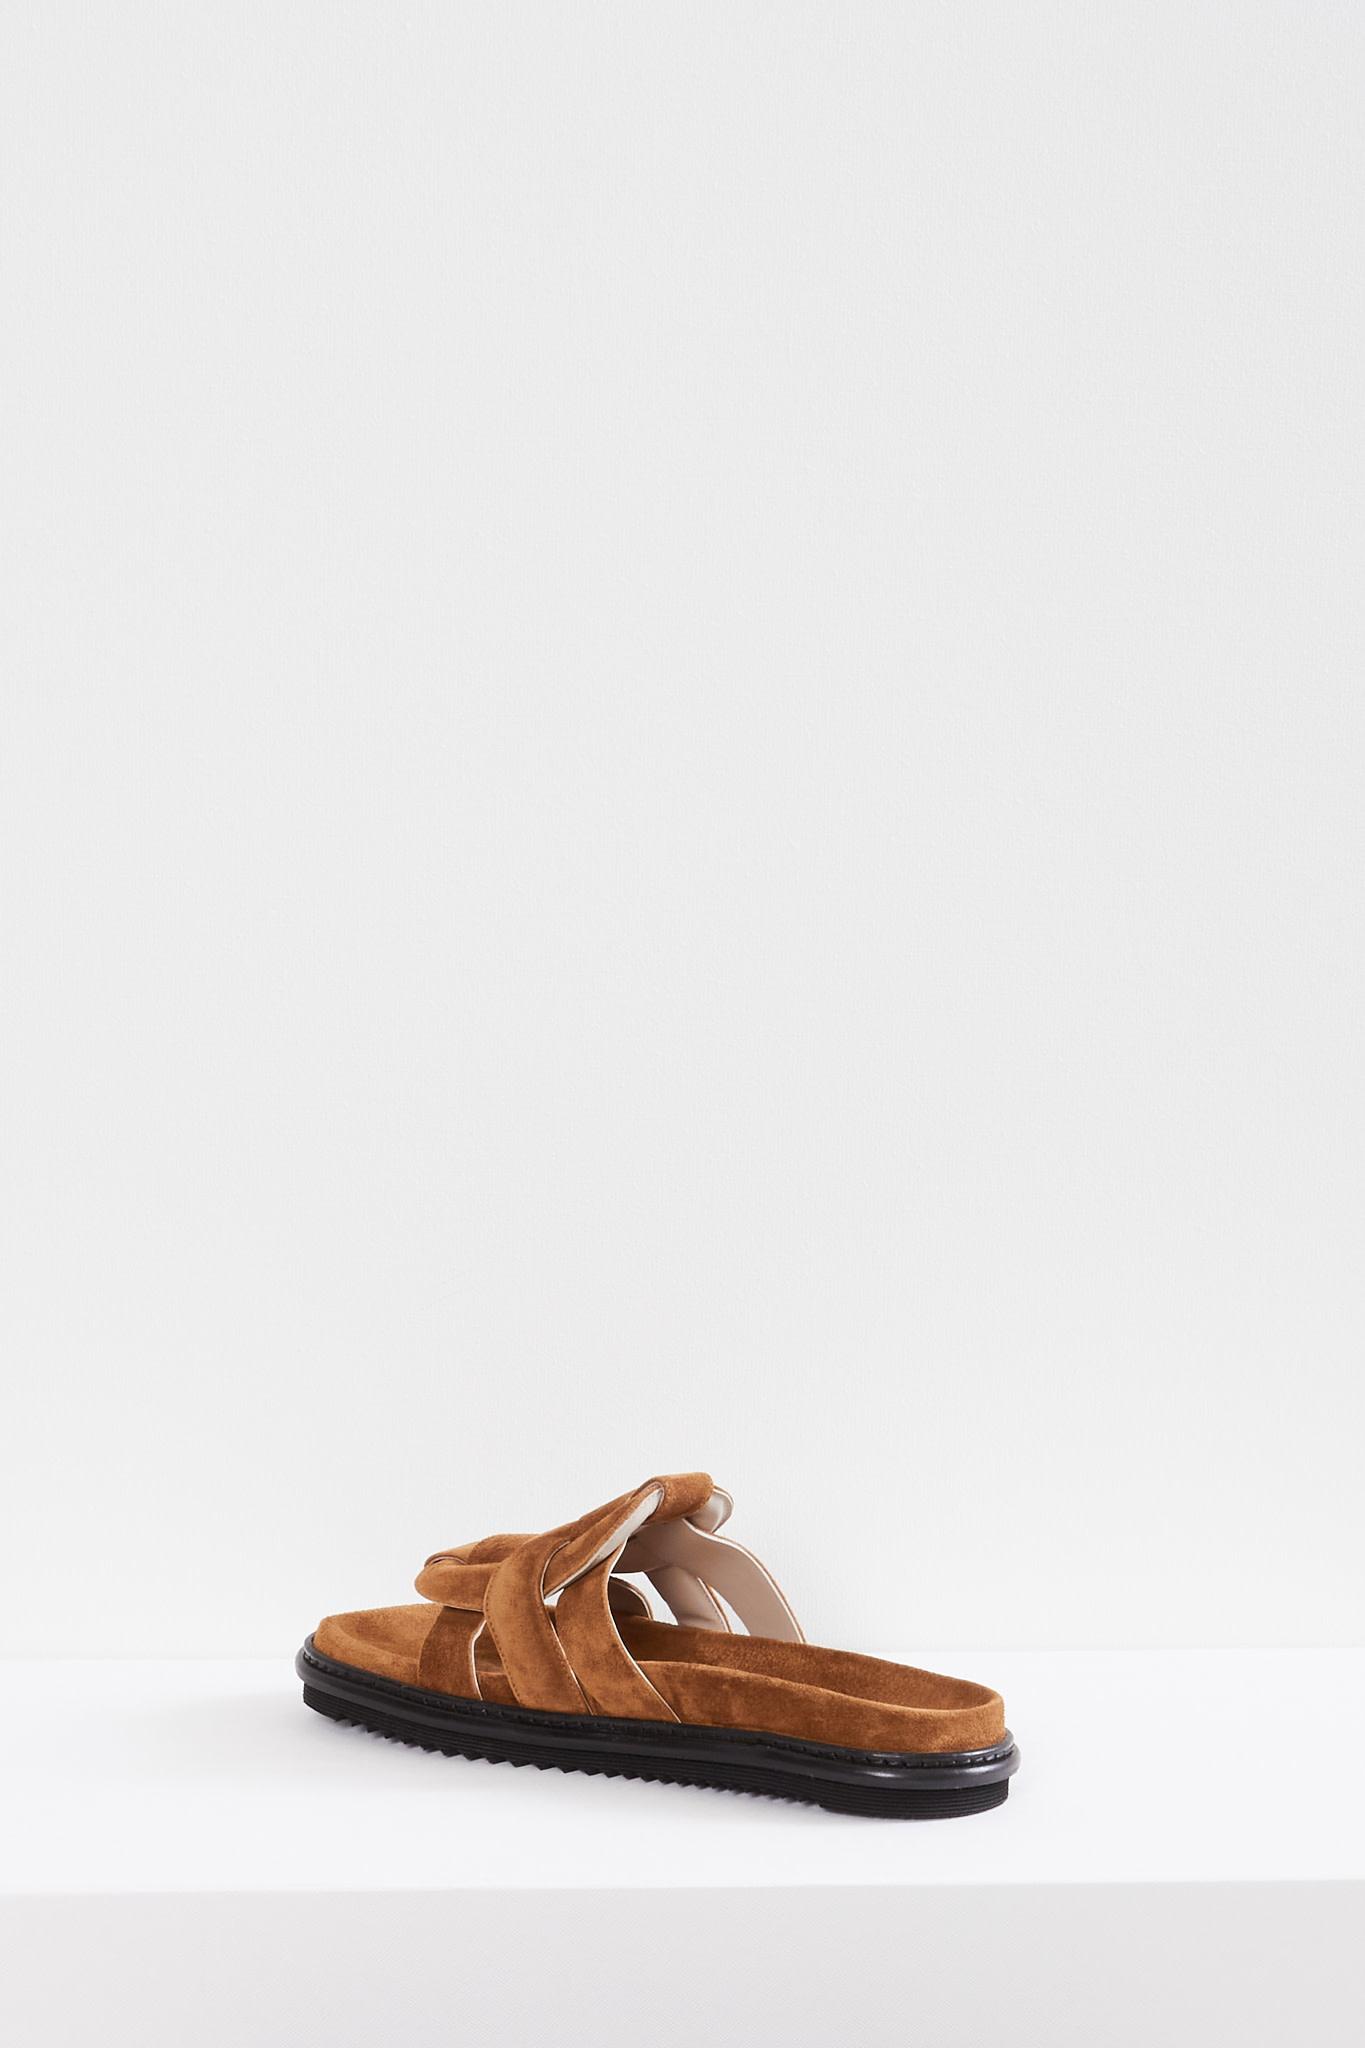 Morobé - Emilia crosta leather sandals